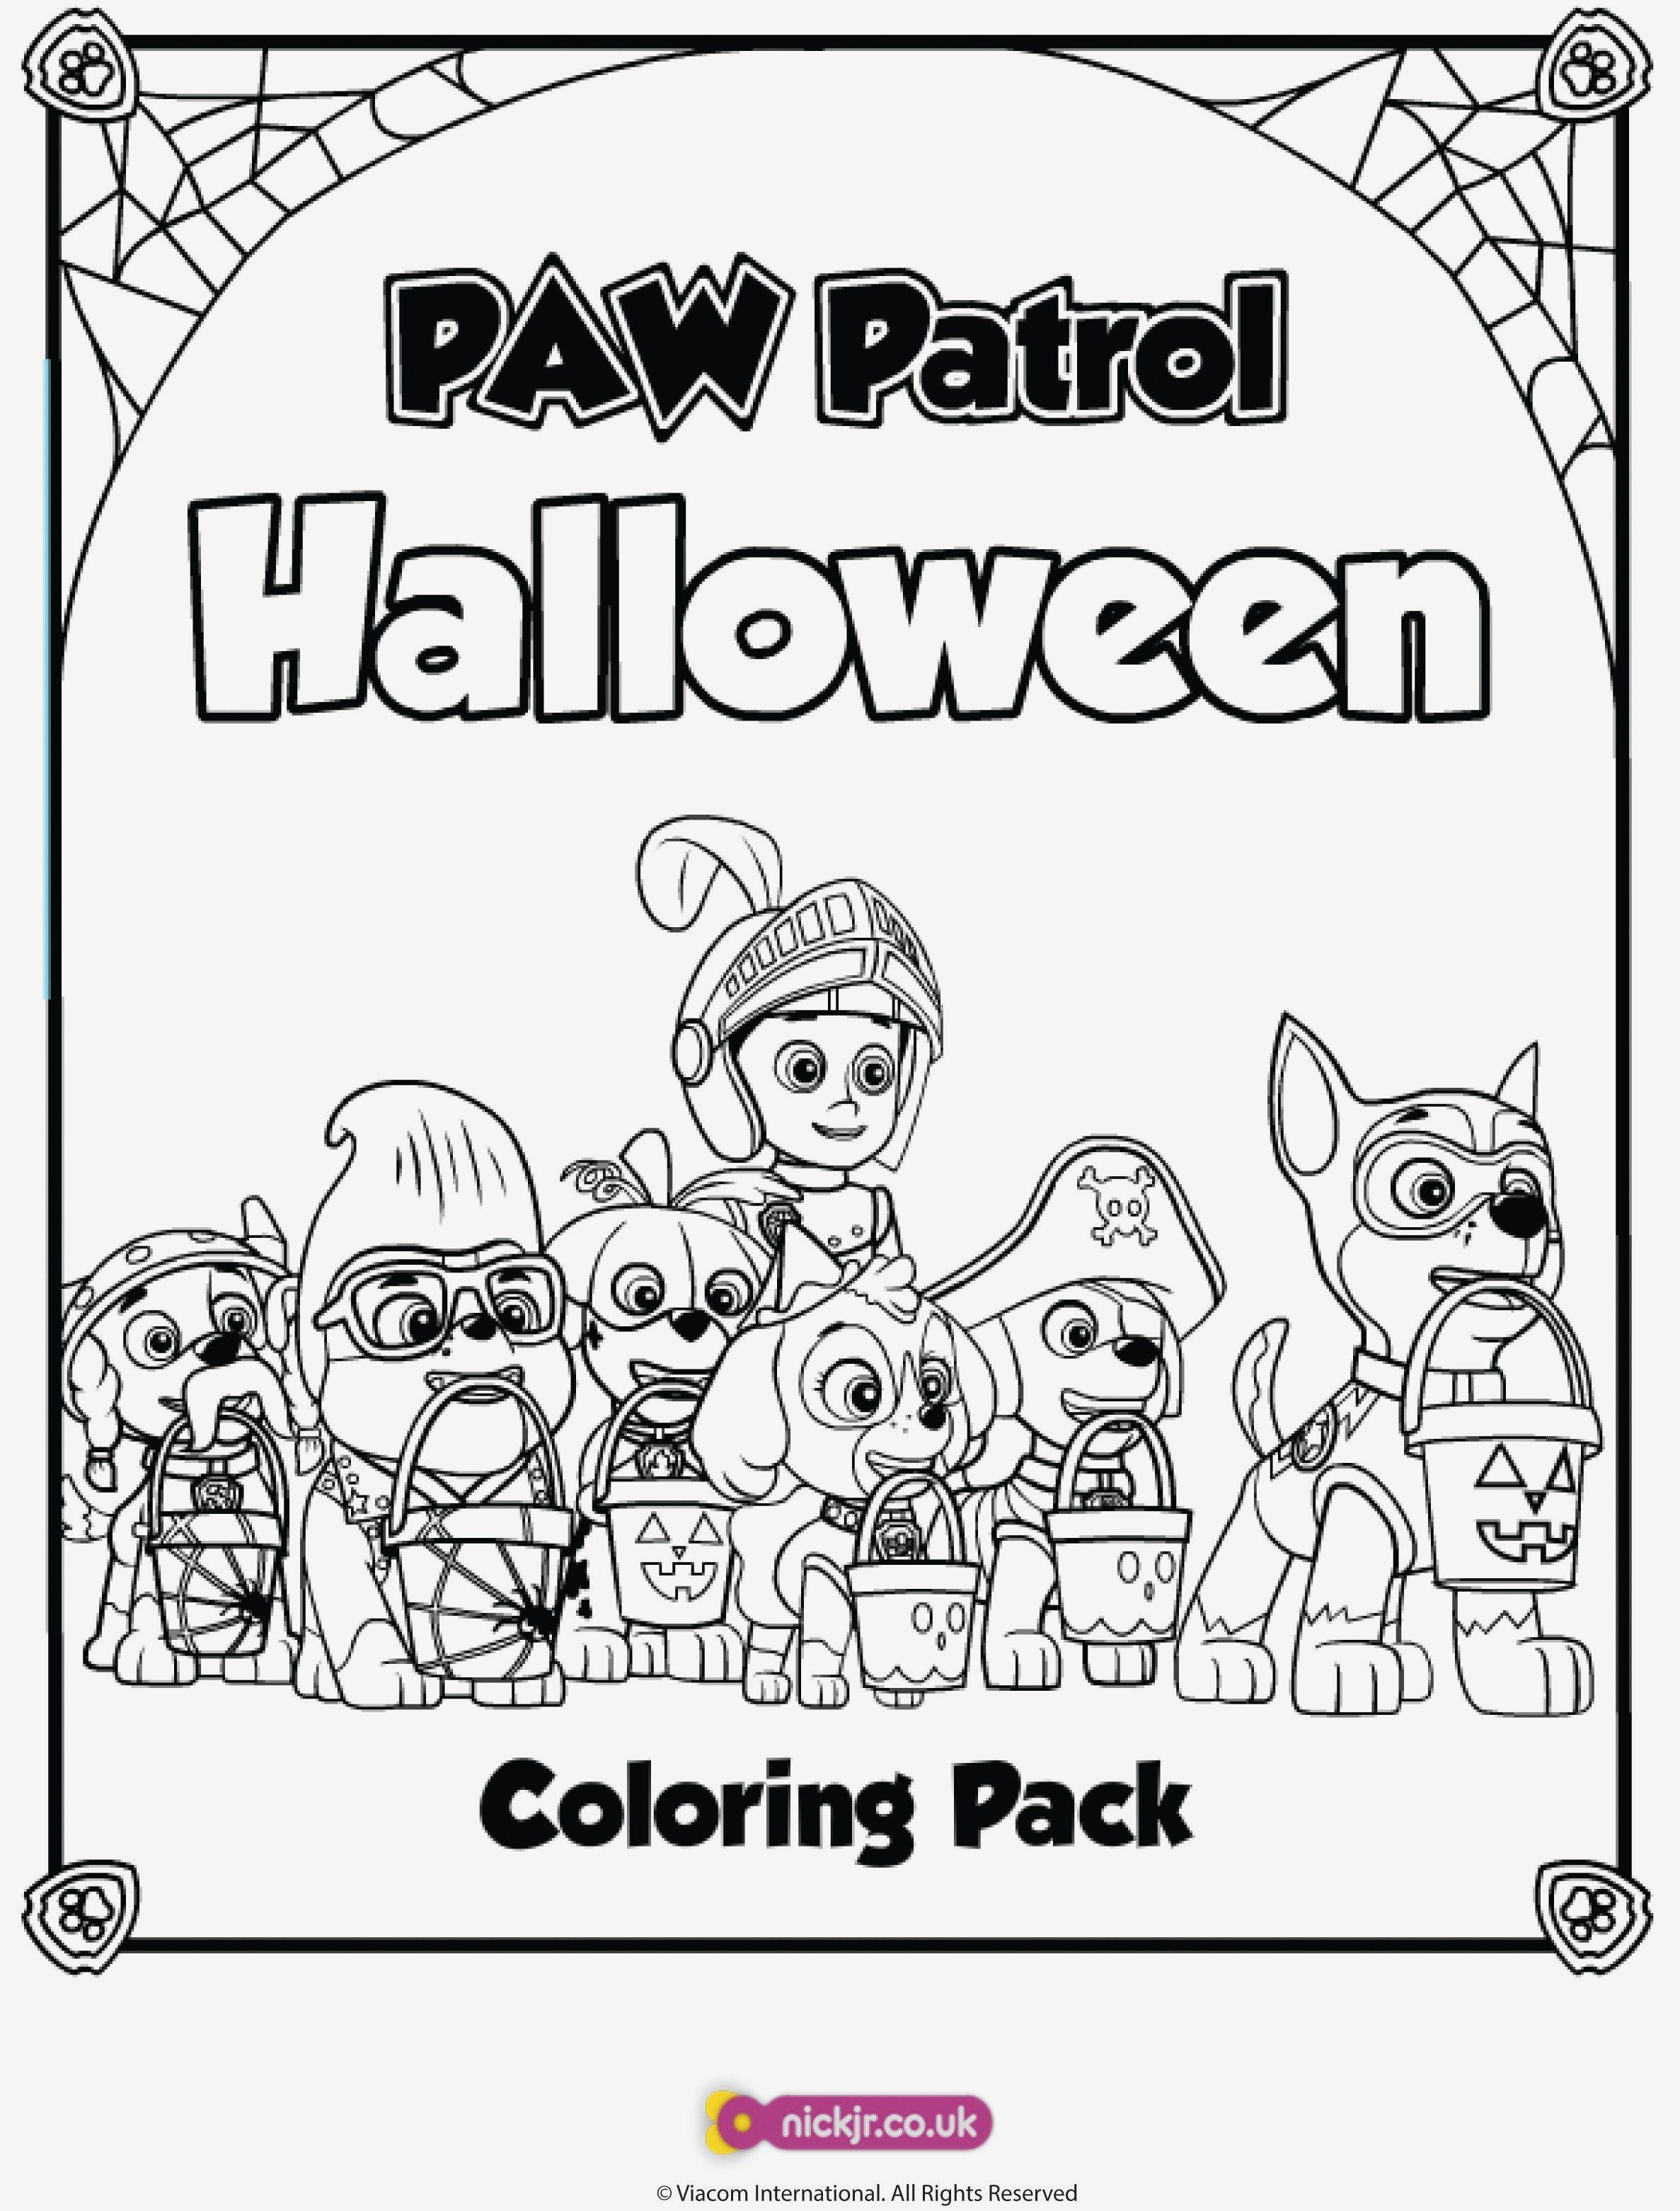 Paw Patrol Ausmalen Einzigartig Eine Sammlung Von Färbung Bilder Gratis Malvorlagen Paw Patrol Bild